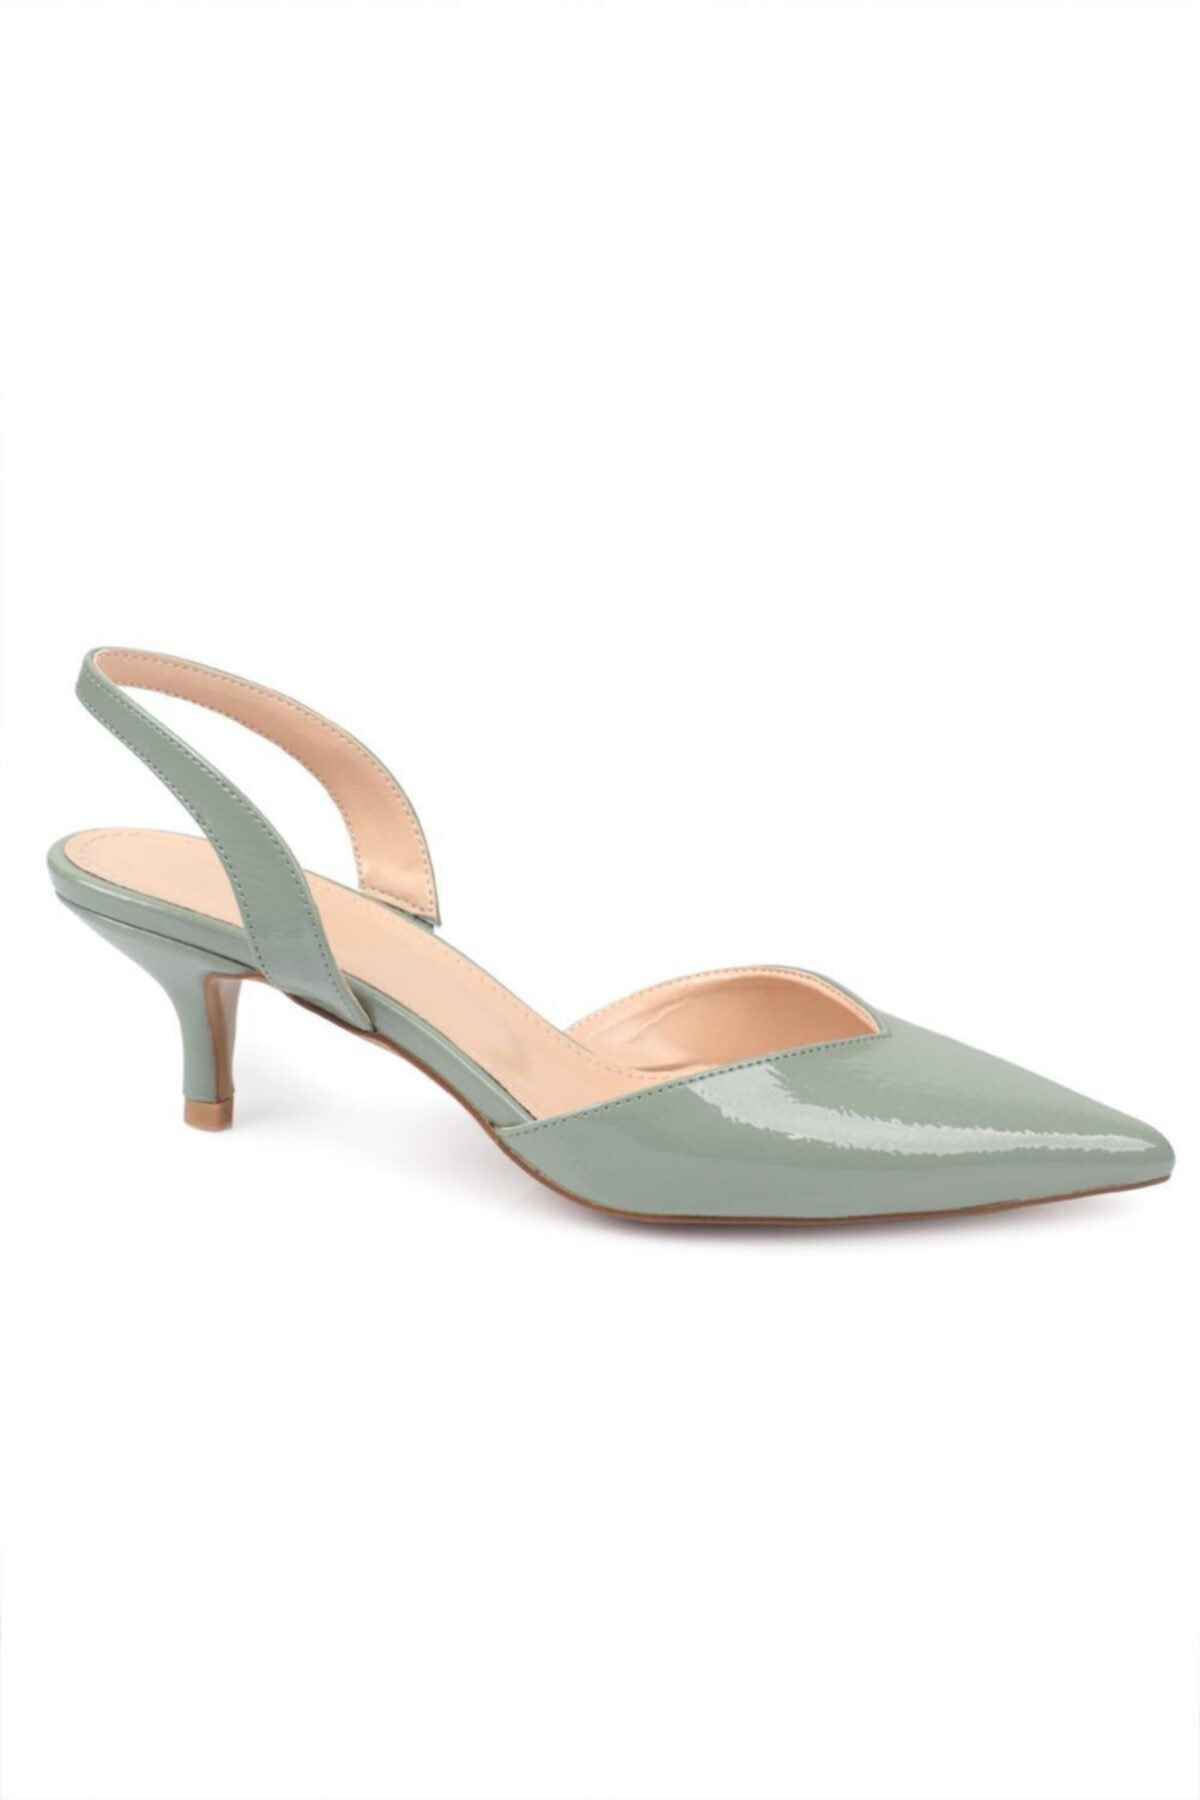 5 Kadın Topuklu Ayakkabı